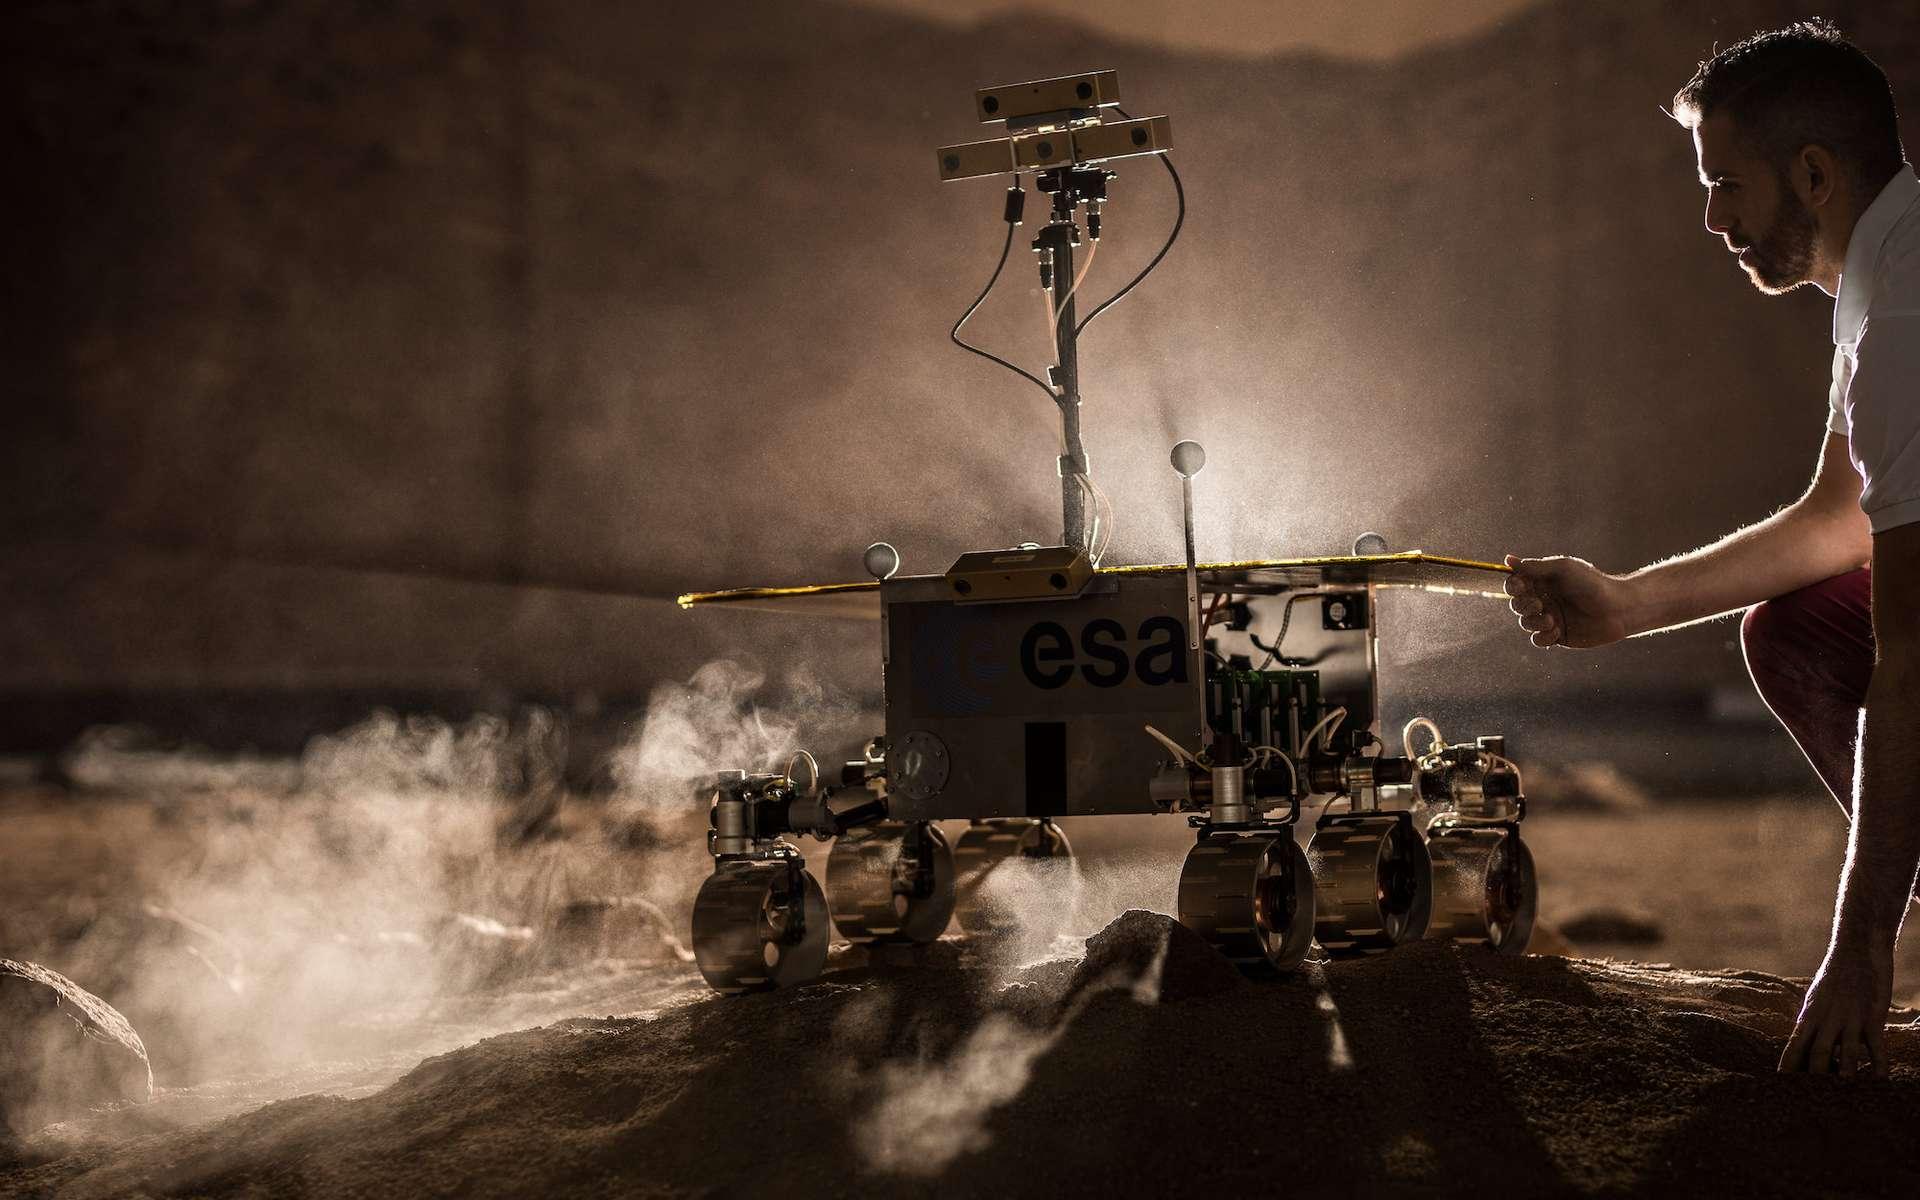 Modèle du rover Exomars qui sera chargé de découvrir des biosignatures dans les échantillons de roche. © Altec